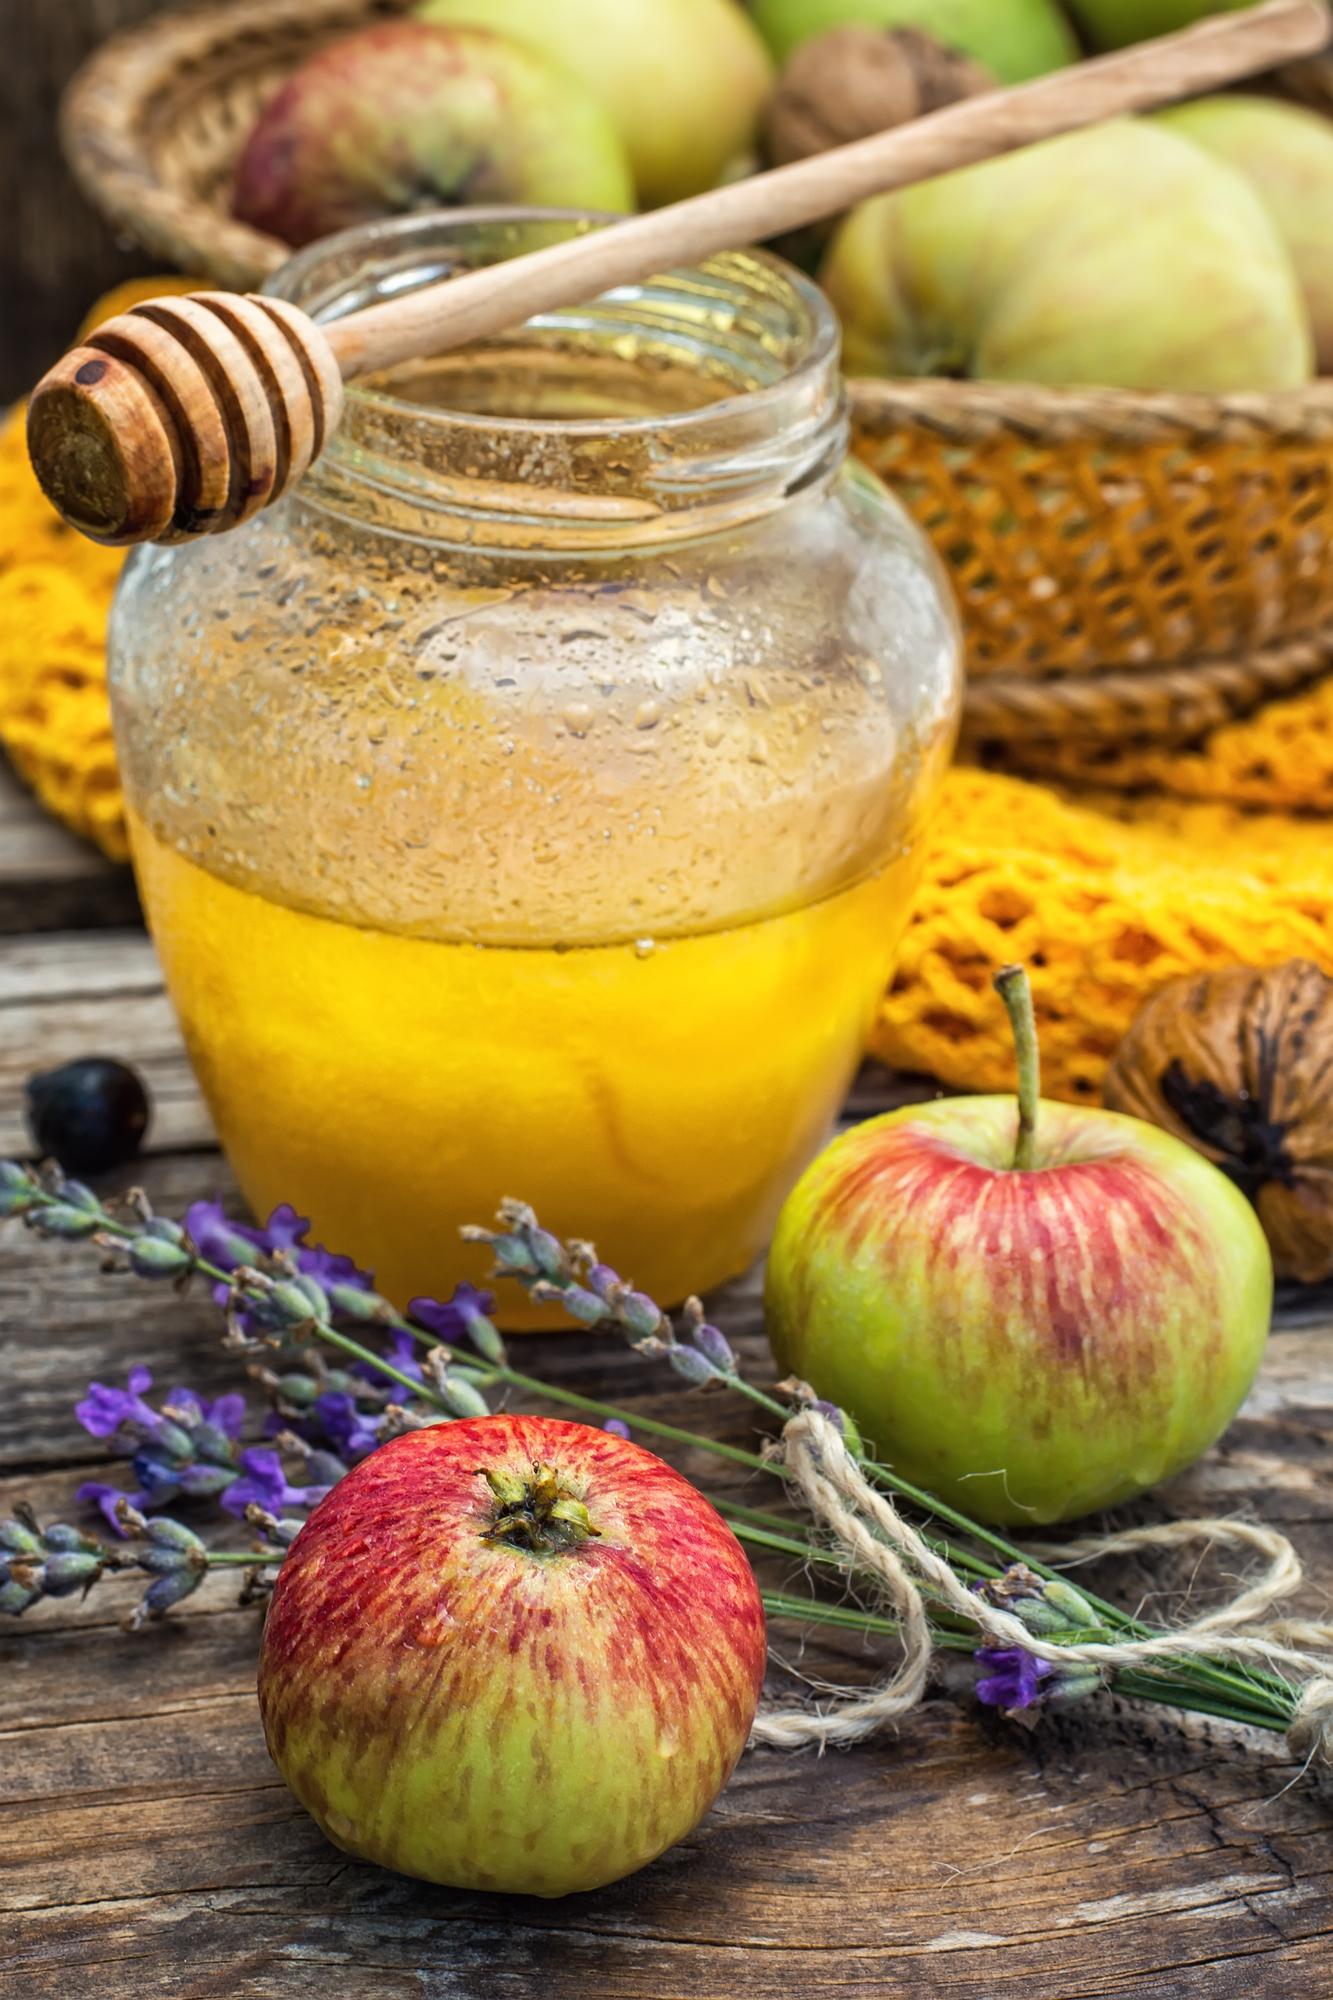 Яблочный Спас 2019: История и традиции праздника